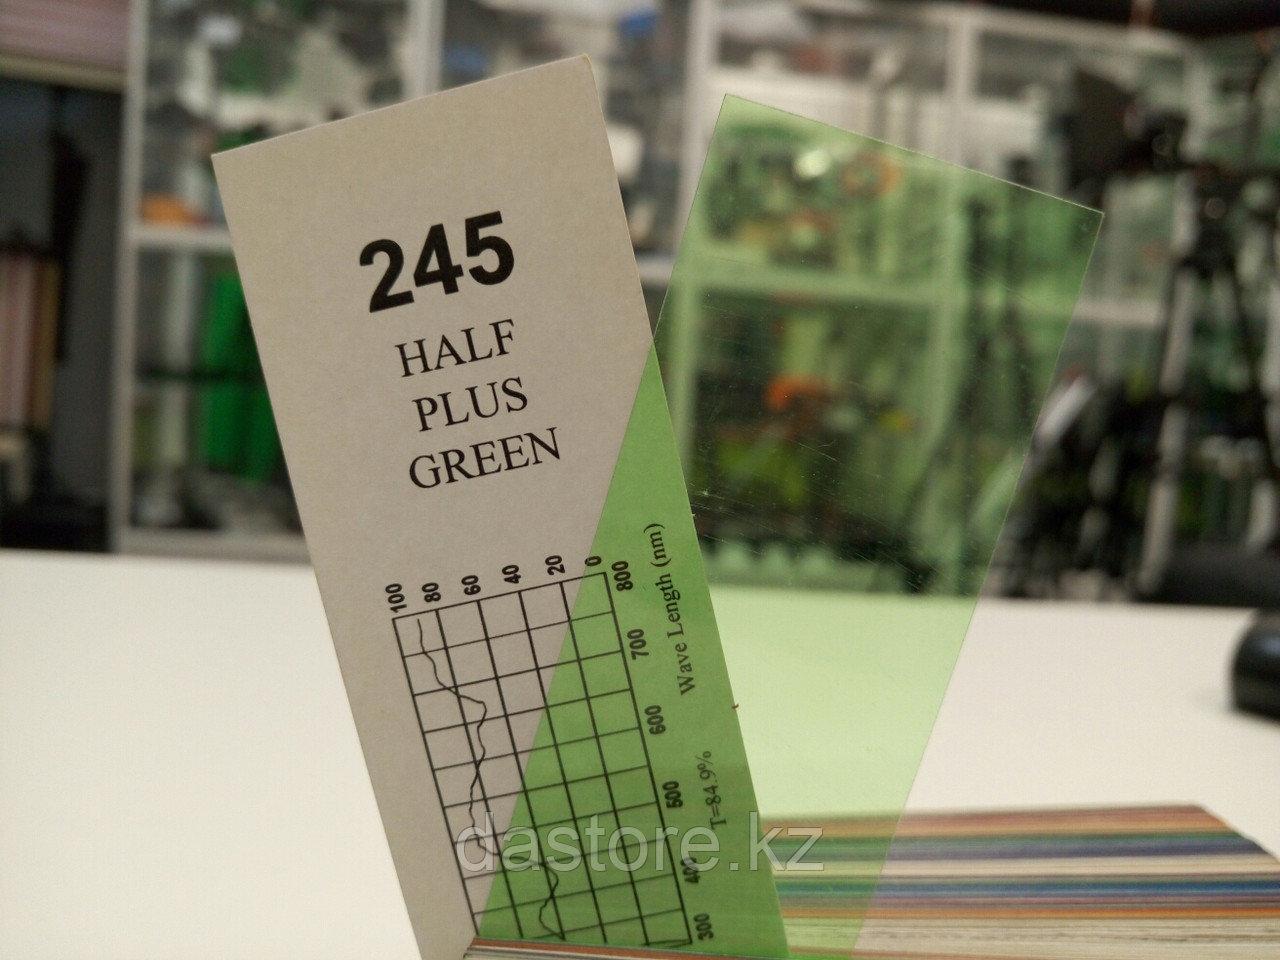 Cotech 245 HALF PLUS GREEN светофильтр для осветительных приборов